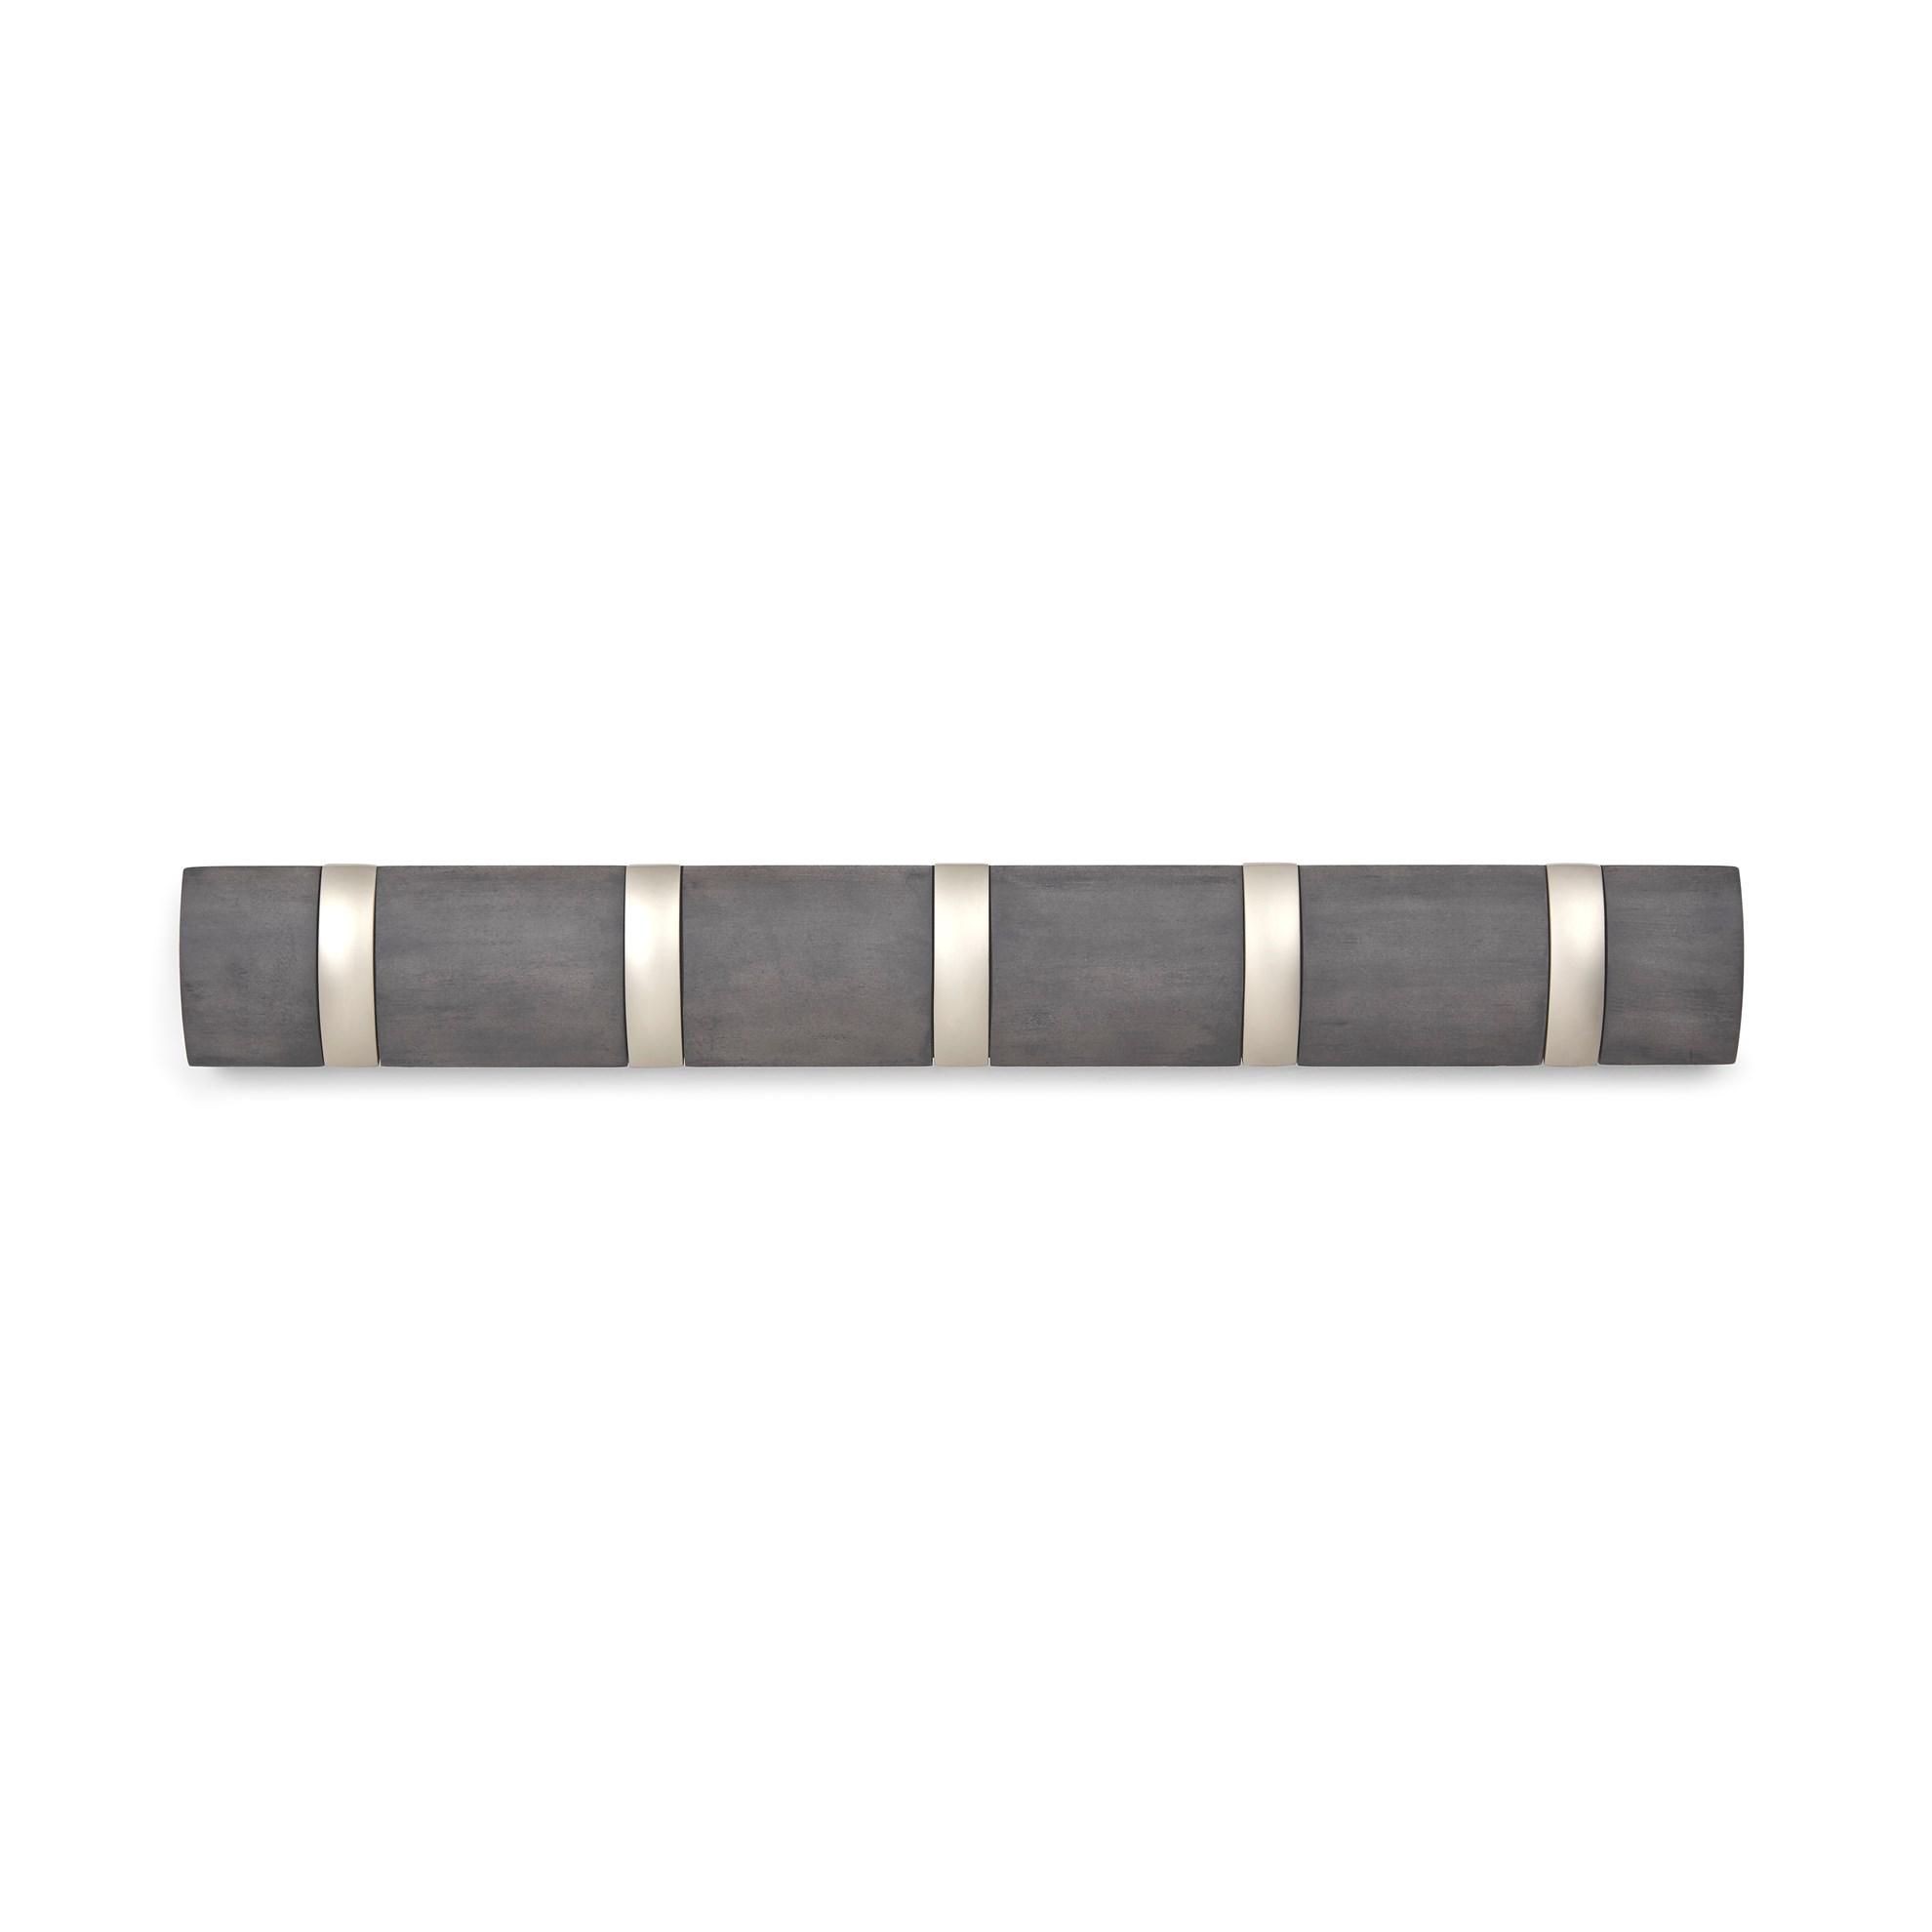 Věšák na zeď FLIP 5 háčků šedý_1